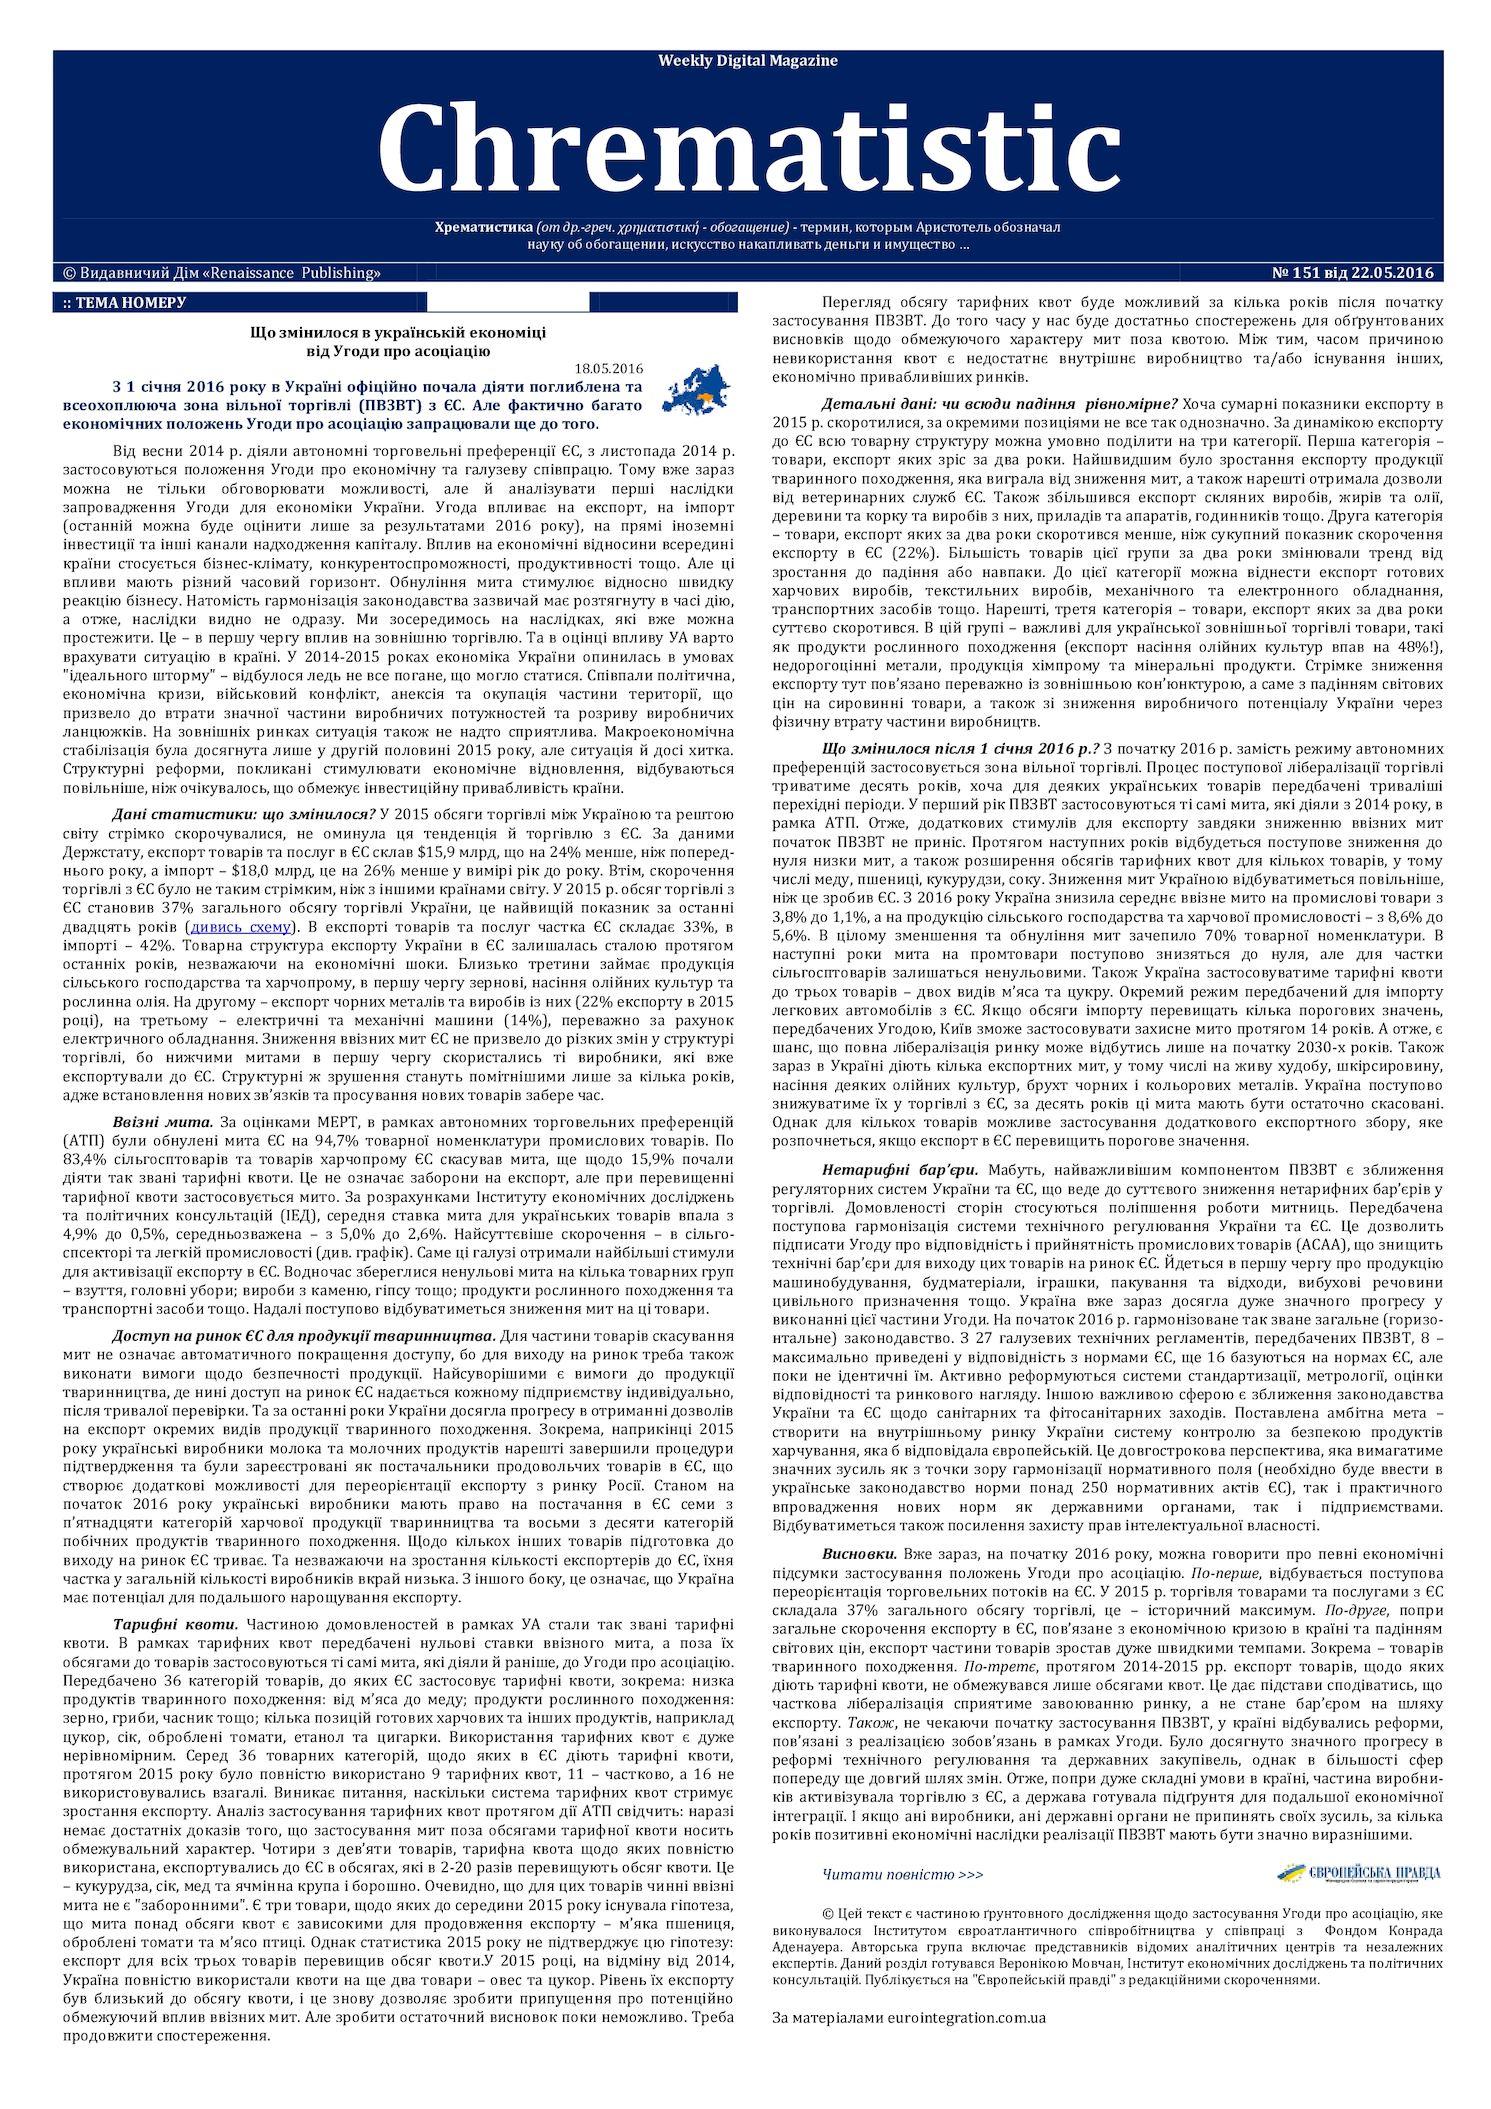 Calaméo - №151 Wdm «Chrematistic» от 22 05 2016 2cd486fb5e505